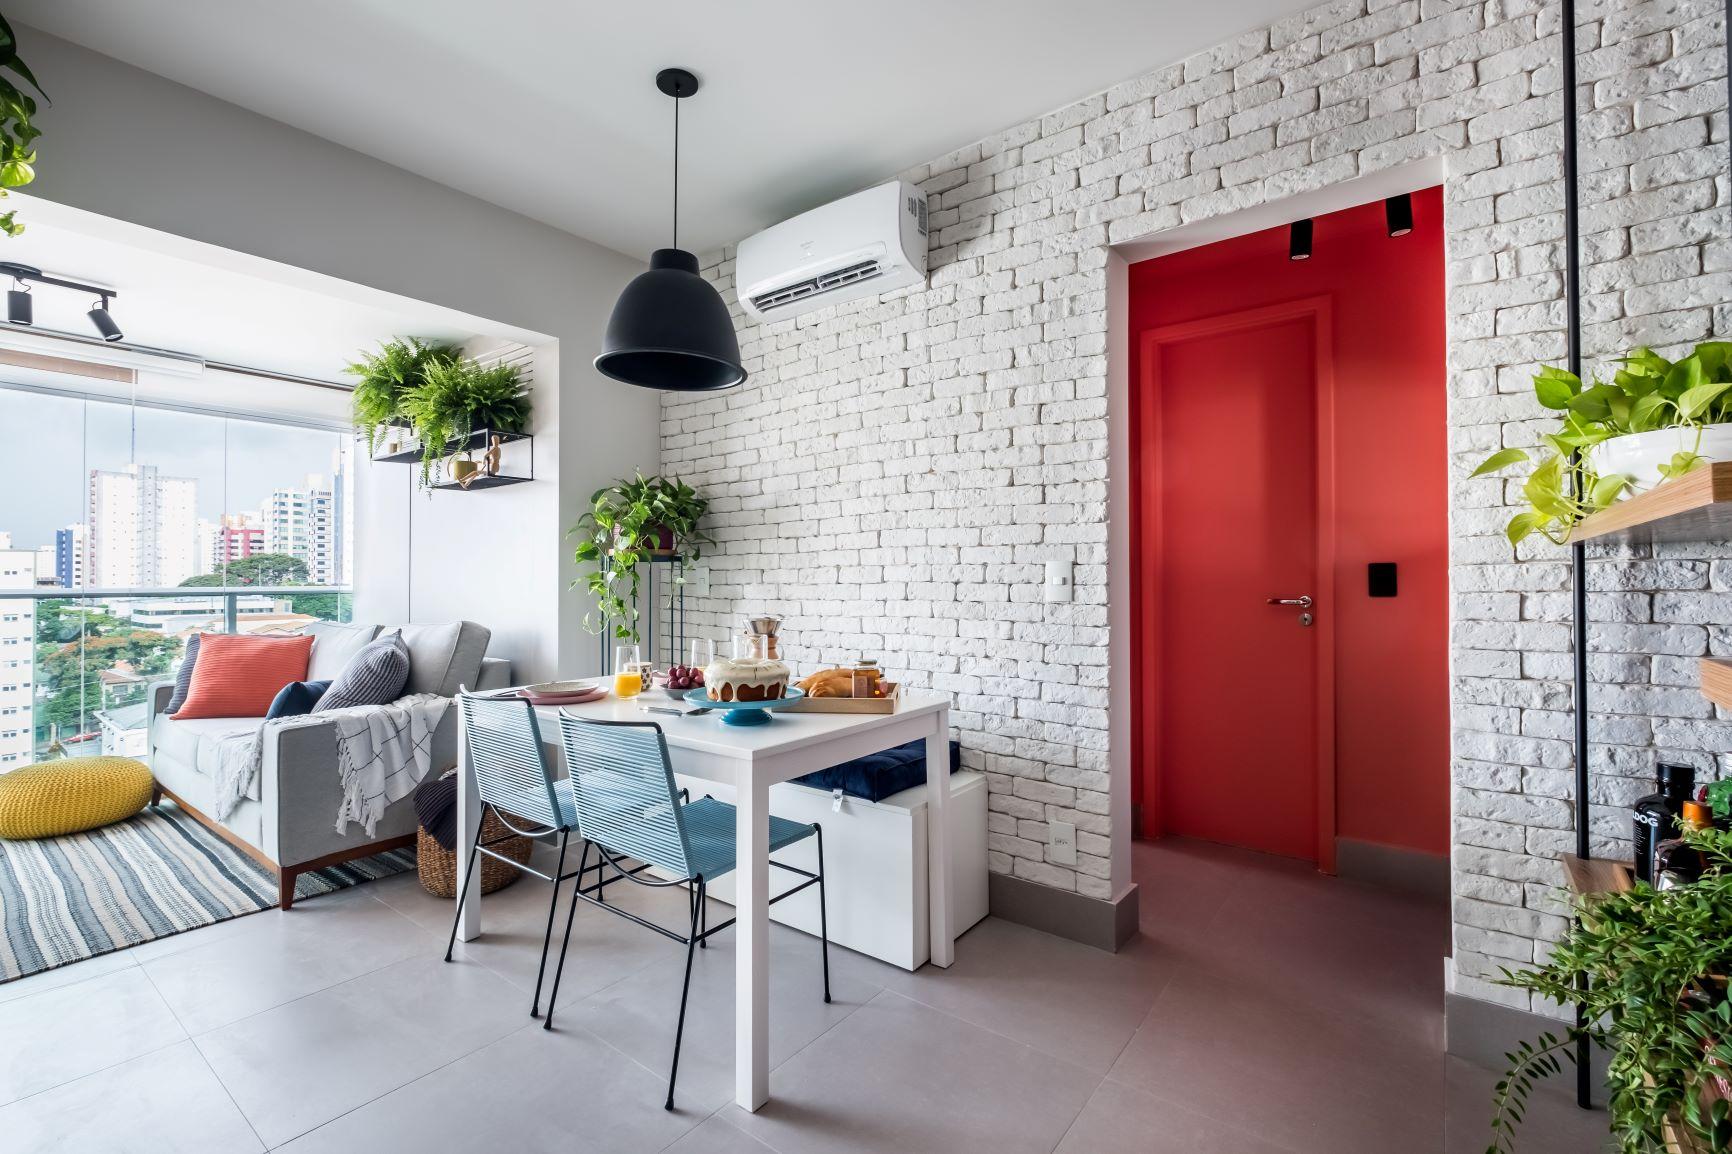 Apartamento com com decoração moderna. Sala de jantar e sala de estar integradas com revestimento de tijolinho natural branco e plantas. APARTAMENTO PARA VENDA: 5 SOLUÇÕES PRÁTICAS DE PROJETO